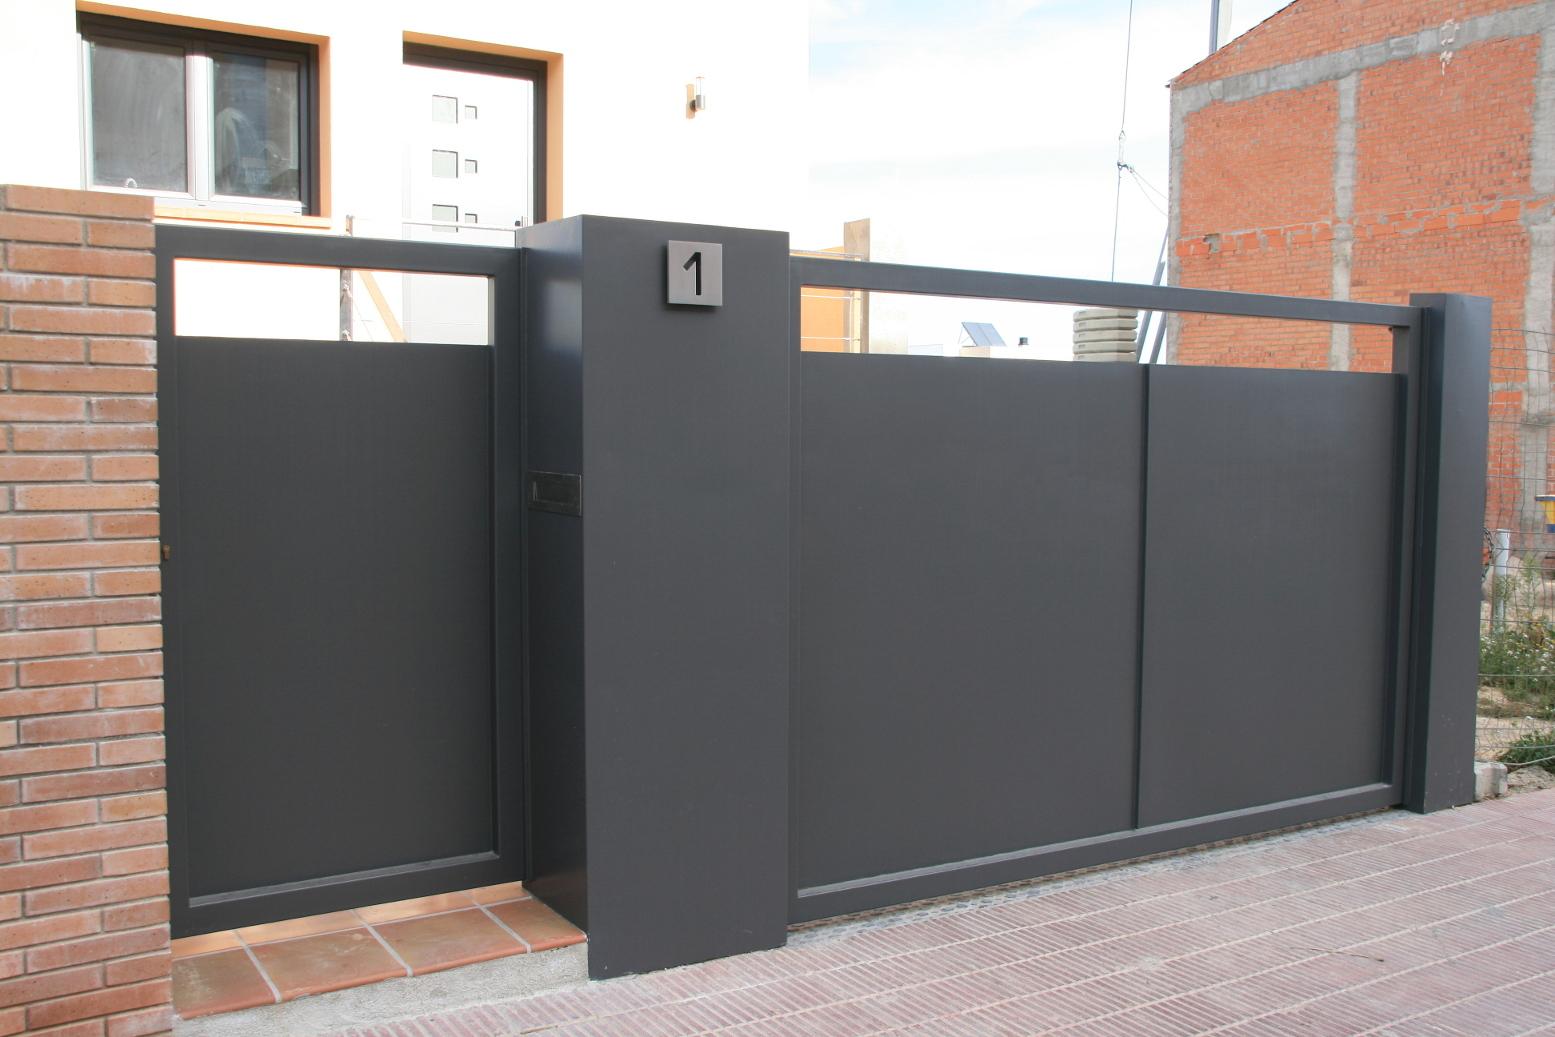 Puertas de chapa de segunda mano trendy with puertas de for Puertas balcon usadas